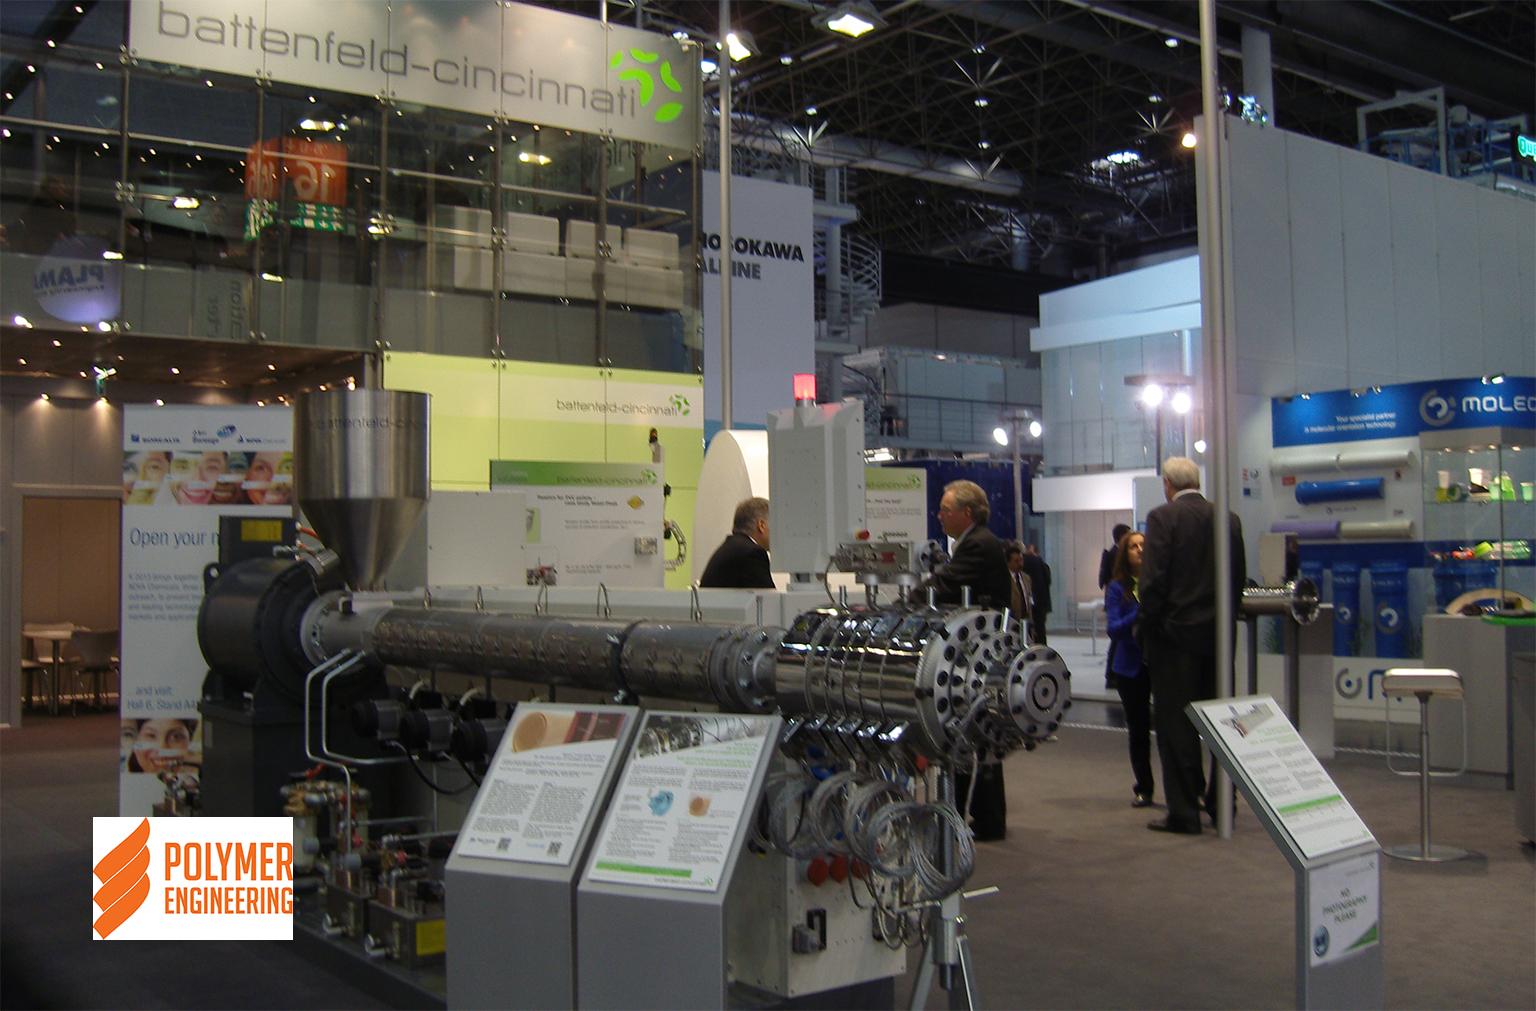 Полимер-инжиниринг на выставке К 2013 в Дюссельдорфе